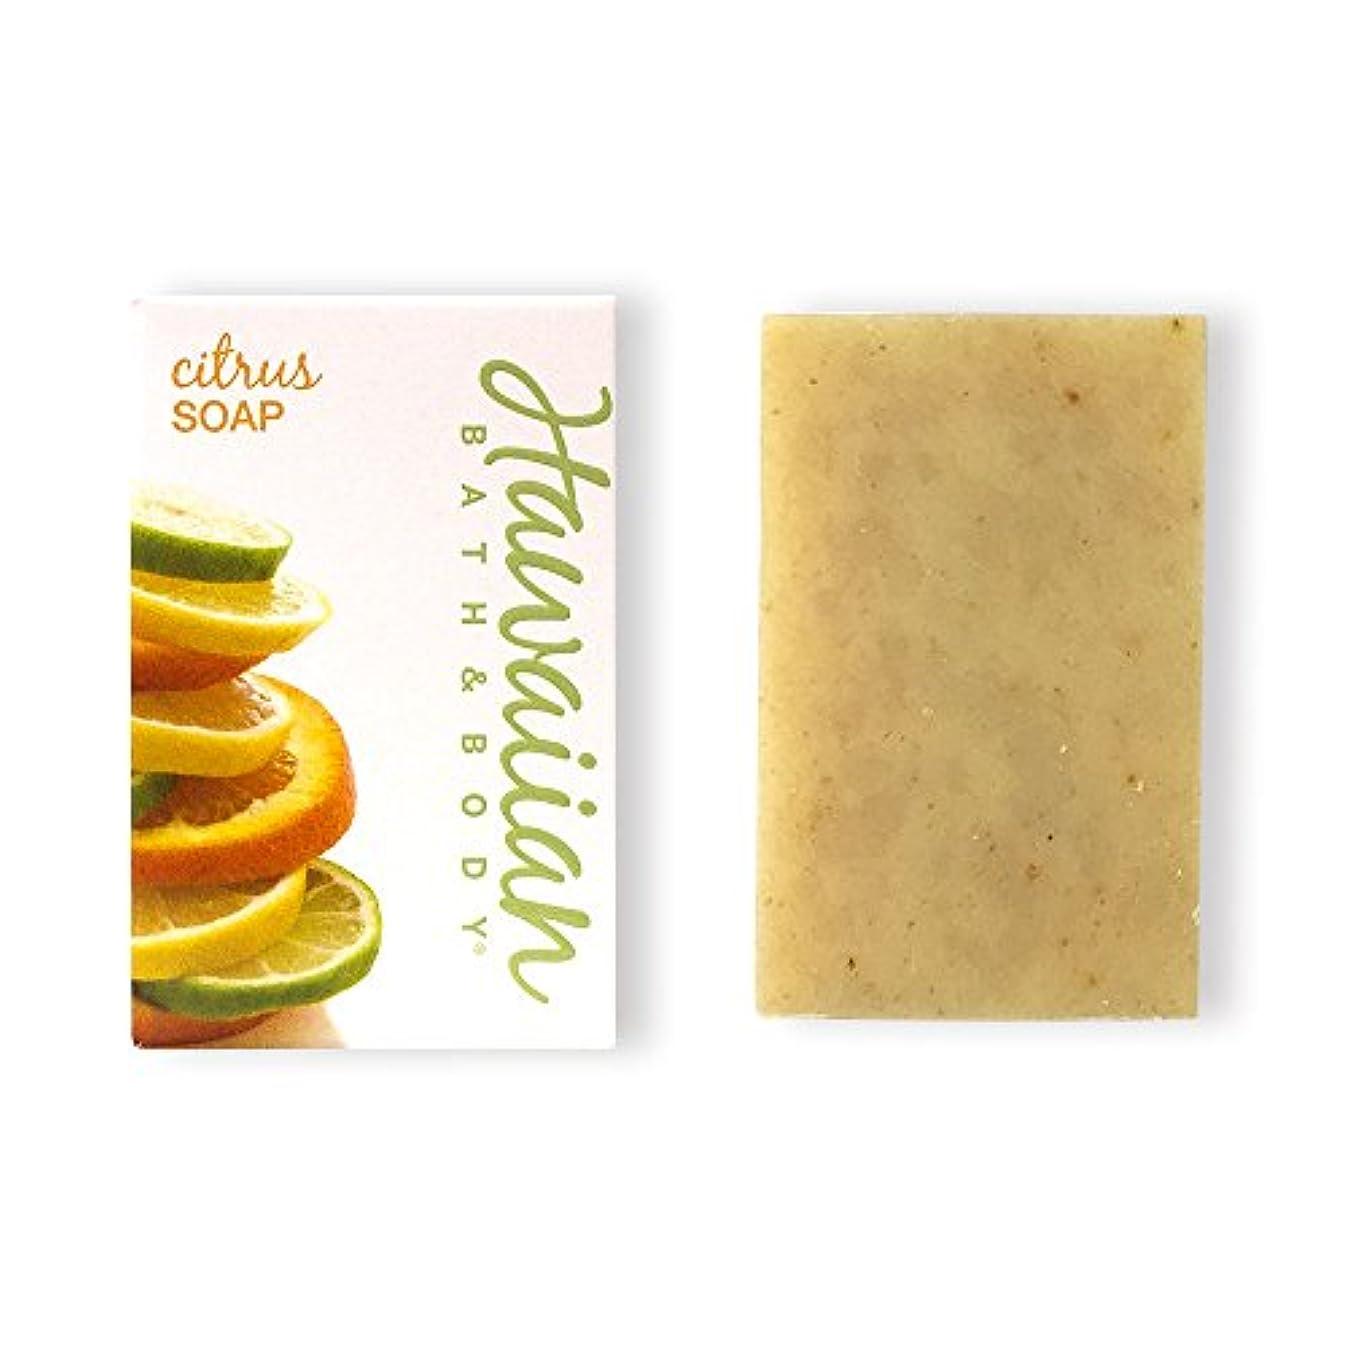 磨かれたスカートカーテンハワイアンバス&ボディ ハワイアン?シトラスソープ( Citrus Soap )